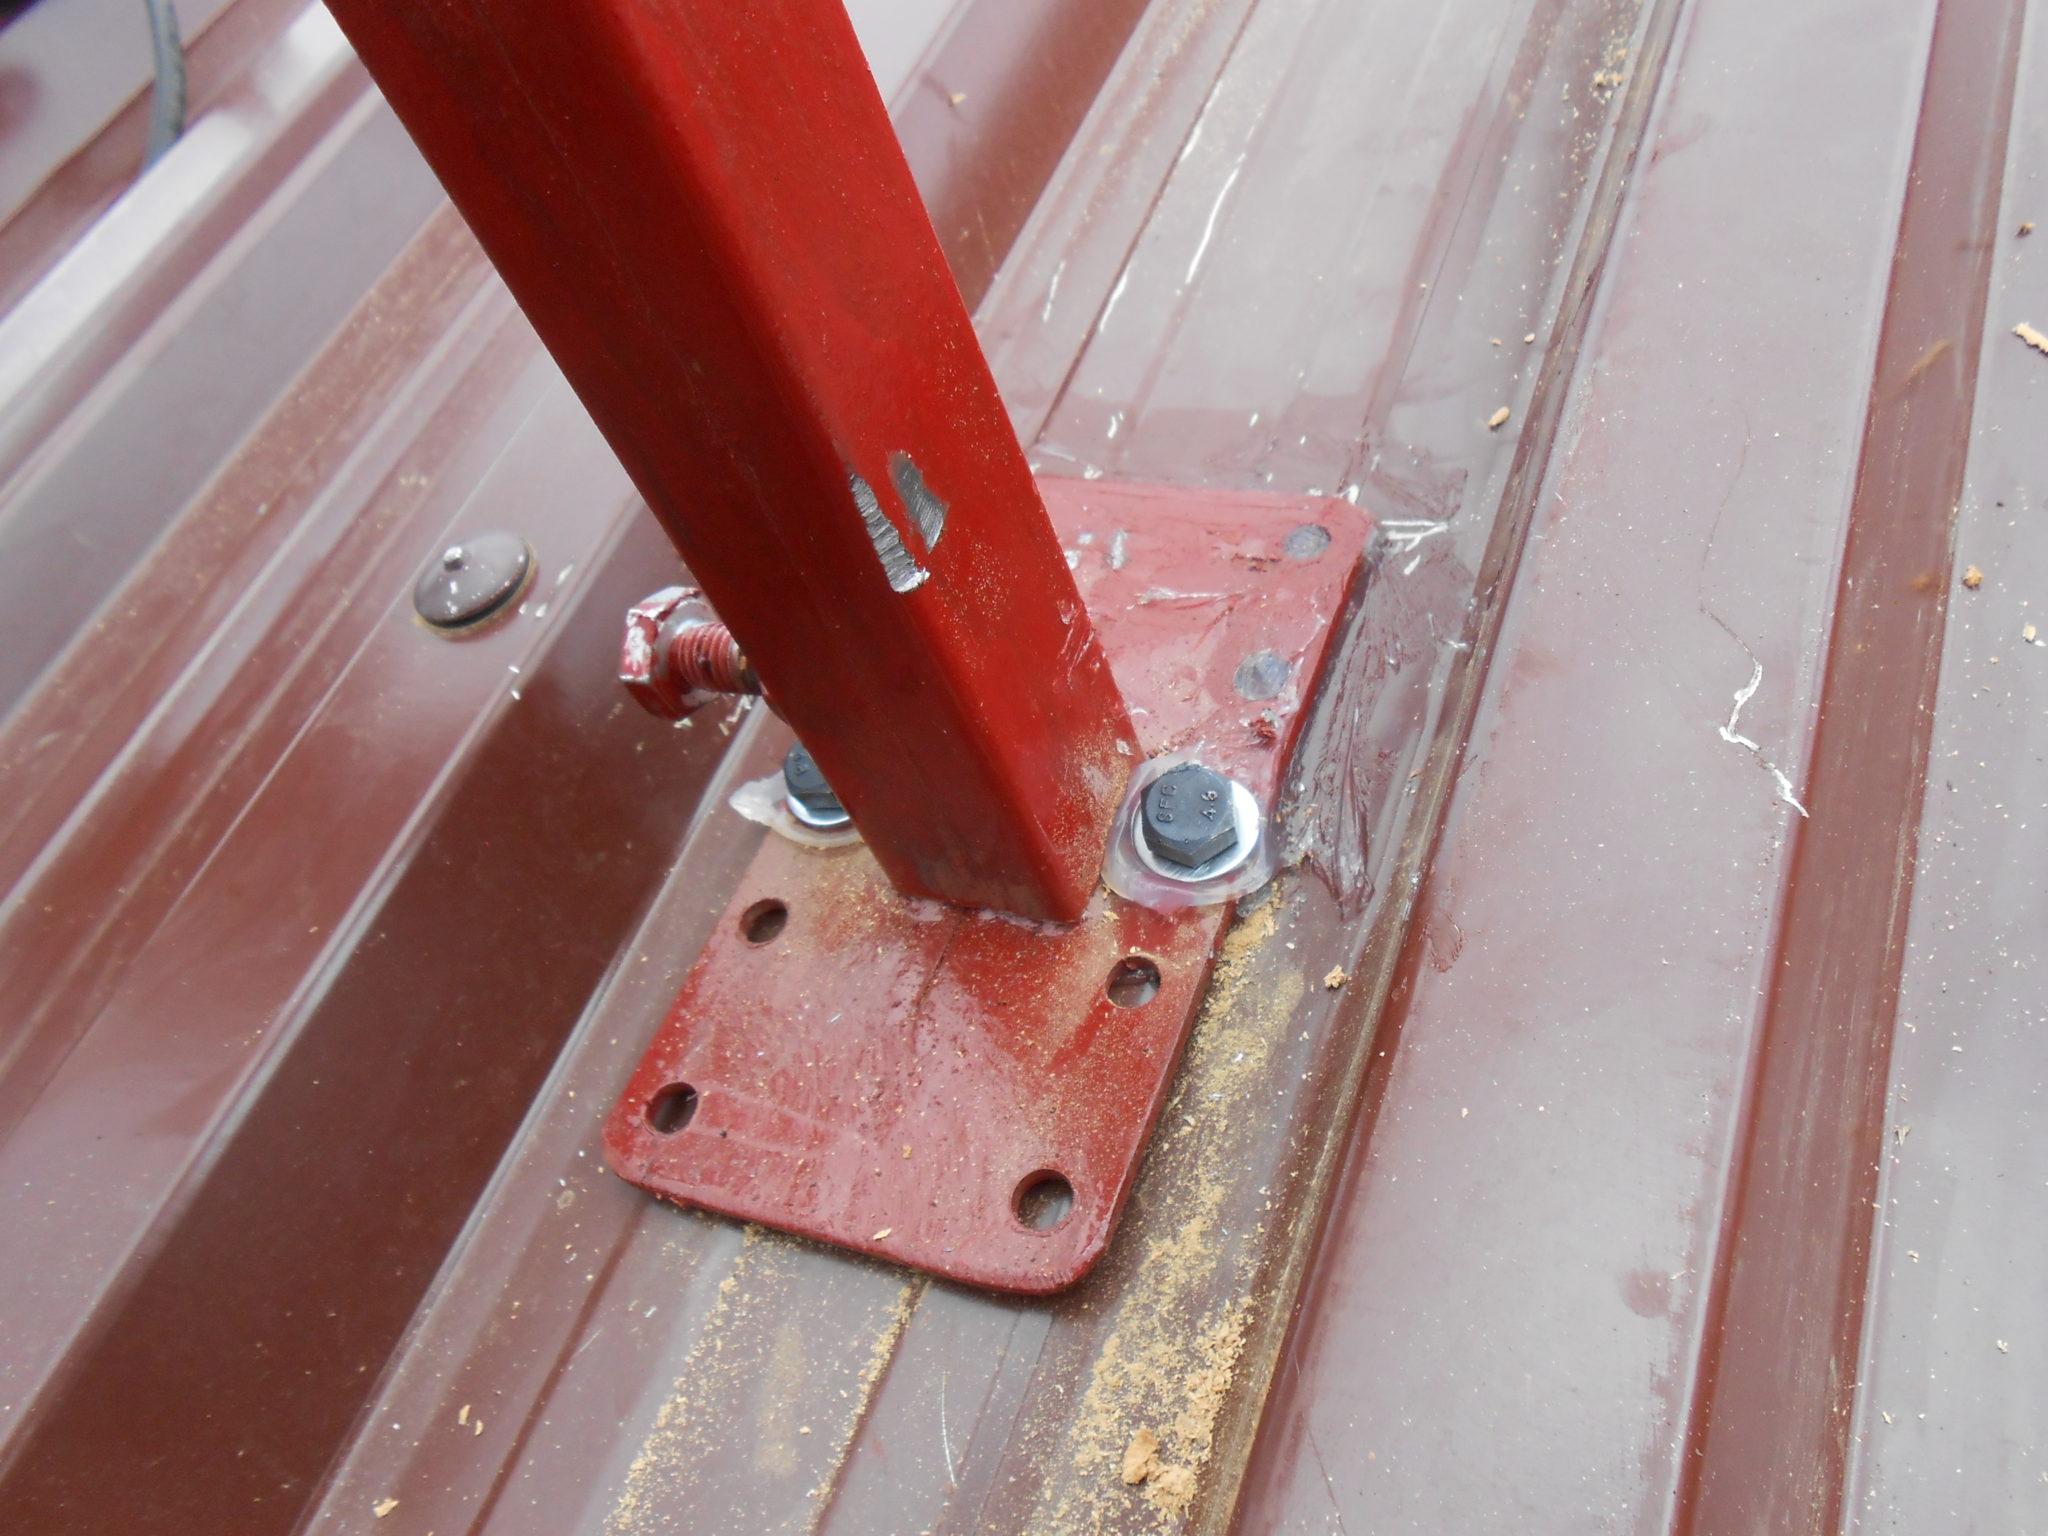 Alle geboorde gaatjes werden goed afgedicht met silicone, om indringing van regen in het dak te vermijden